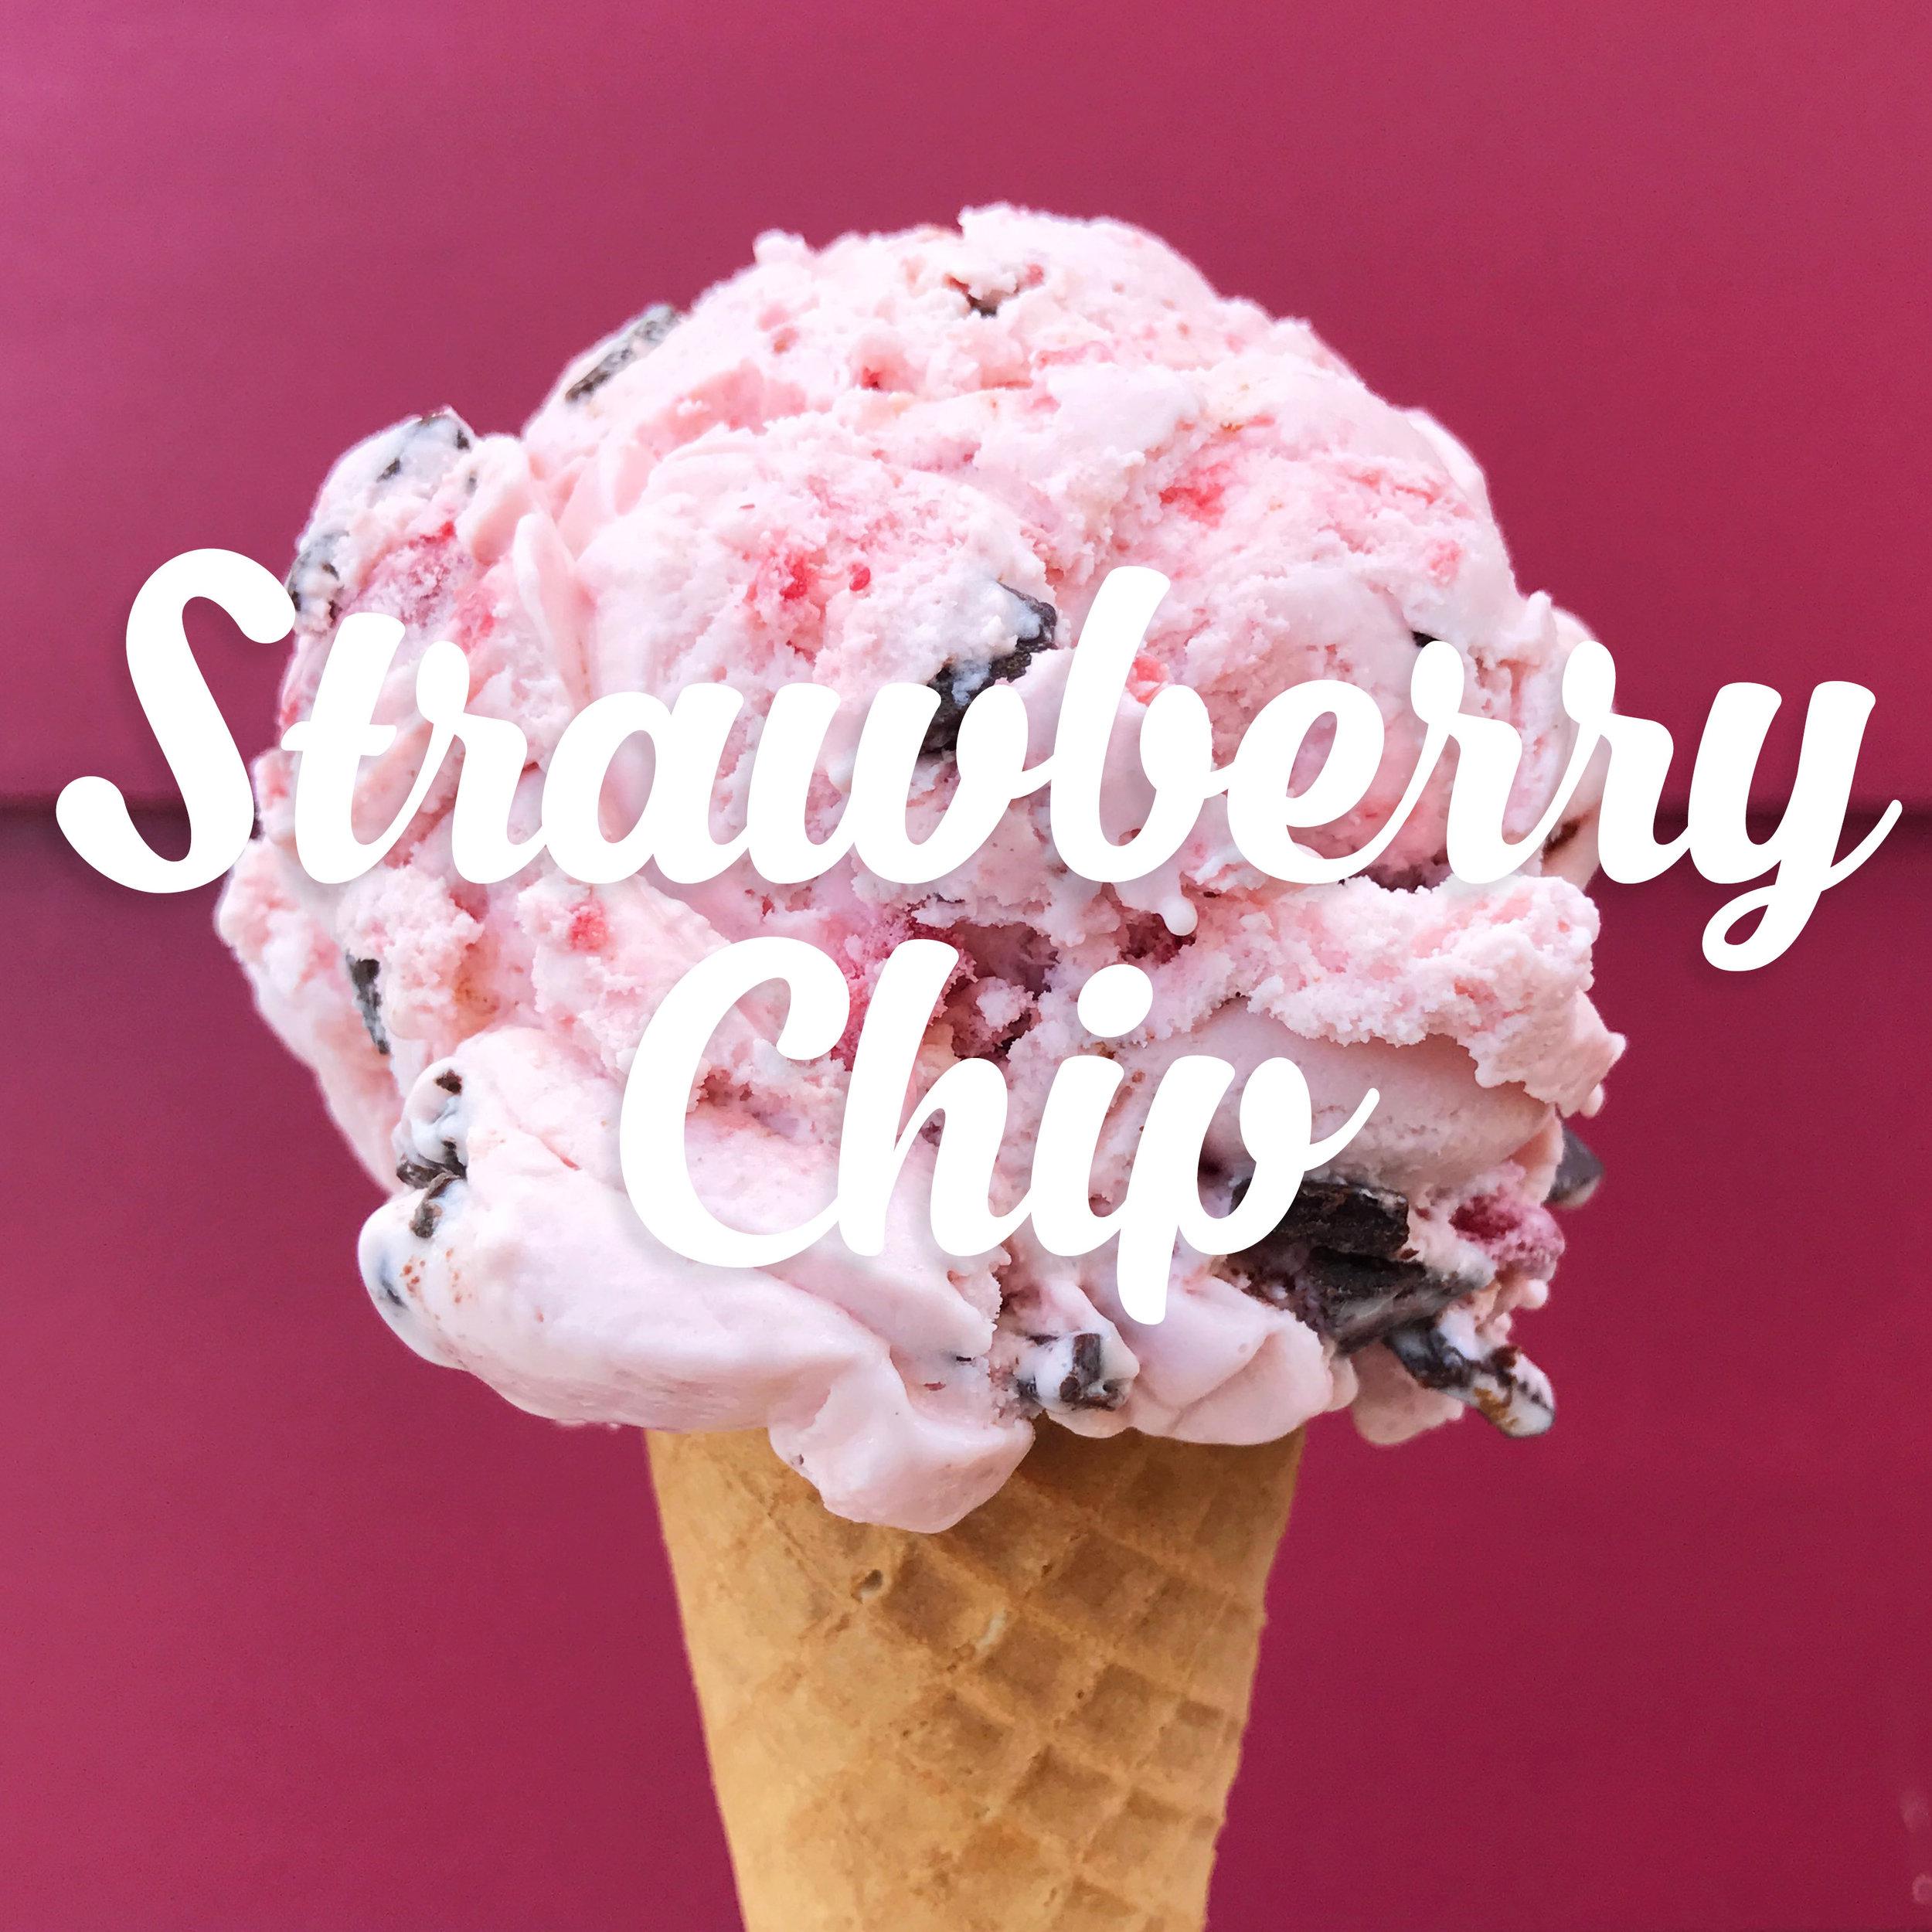 Strawberry Chip.jpg